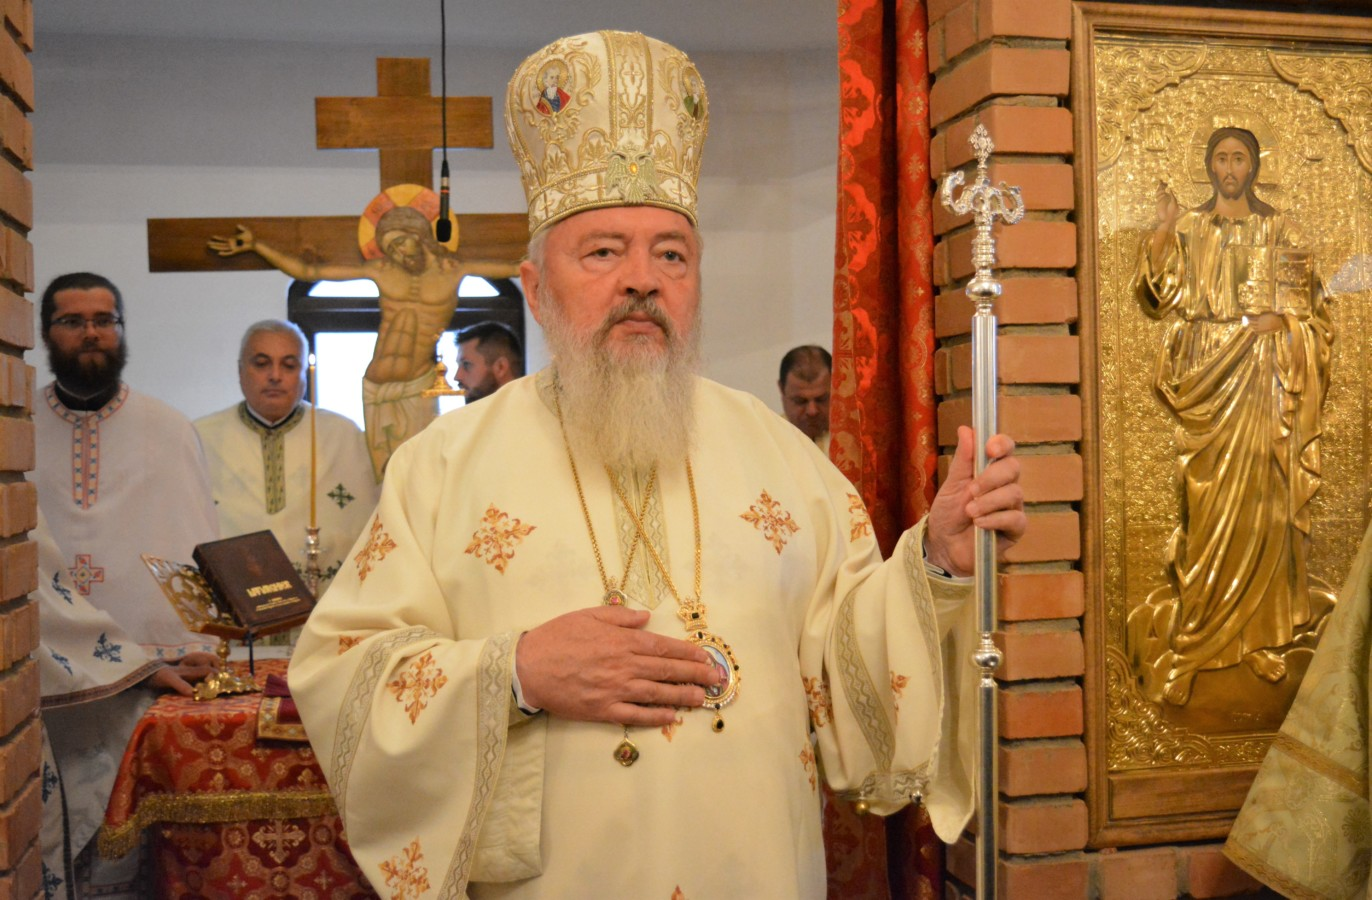 Hramul Mănăstirii Petru Rareș Vodă, sărbătorit în prezența Mitropolitului Clujului